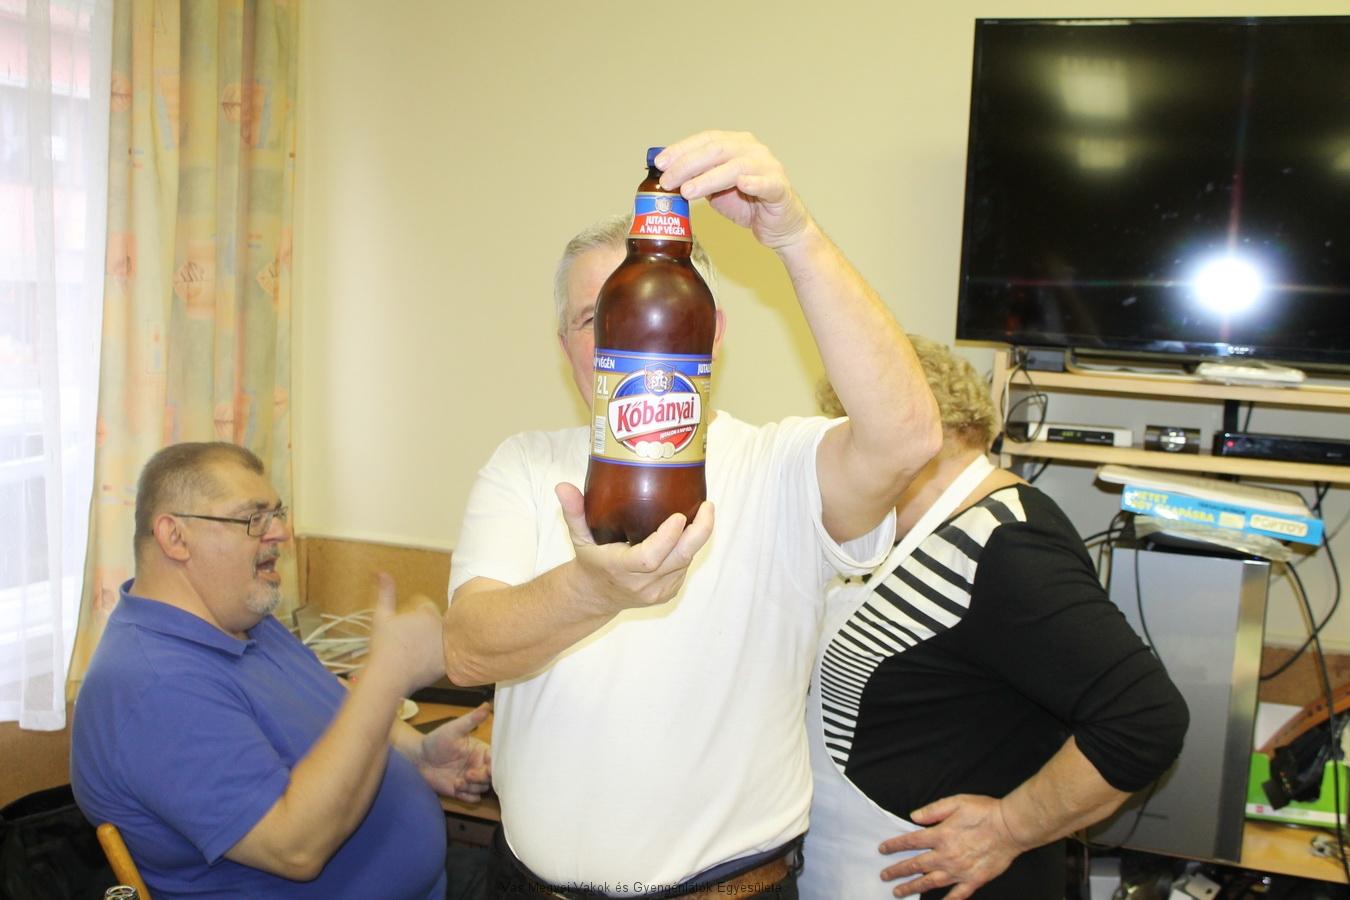 Vajda Laci kezében a nagy Kőbányais üveg. A háttérben Miklós magyaráz Nagyné Marikának.